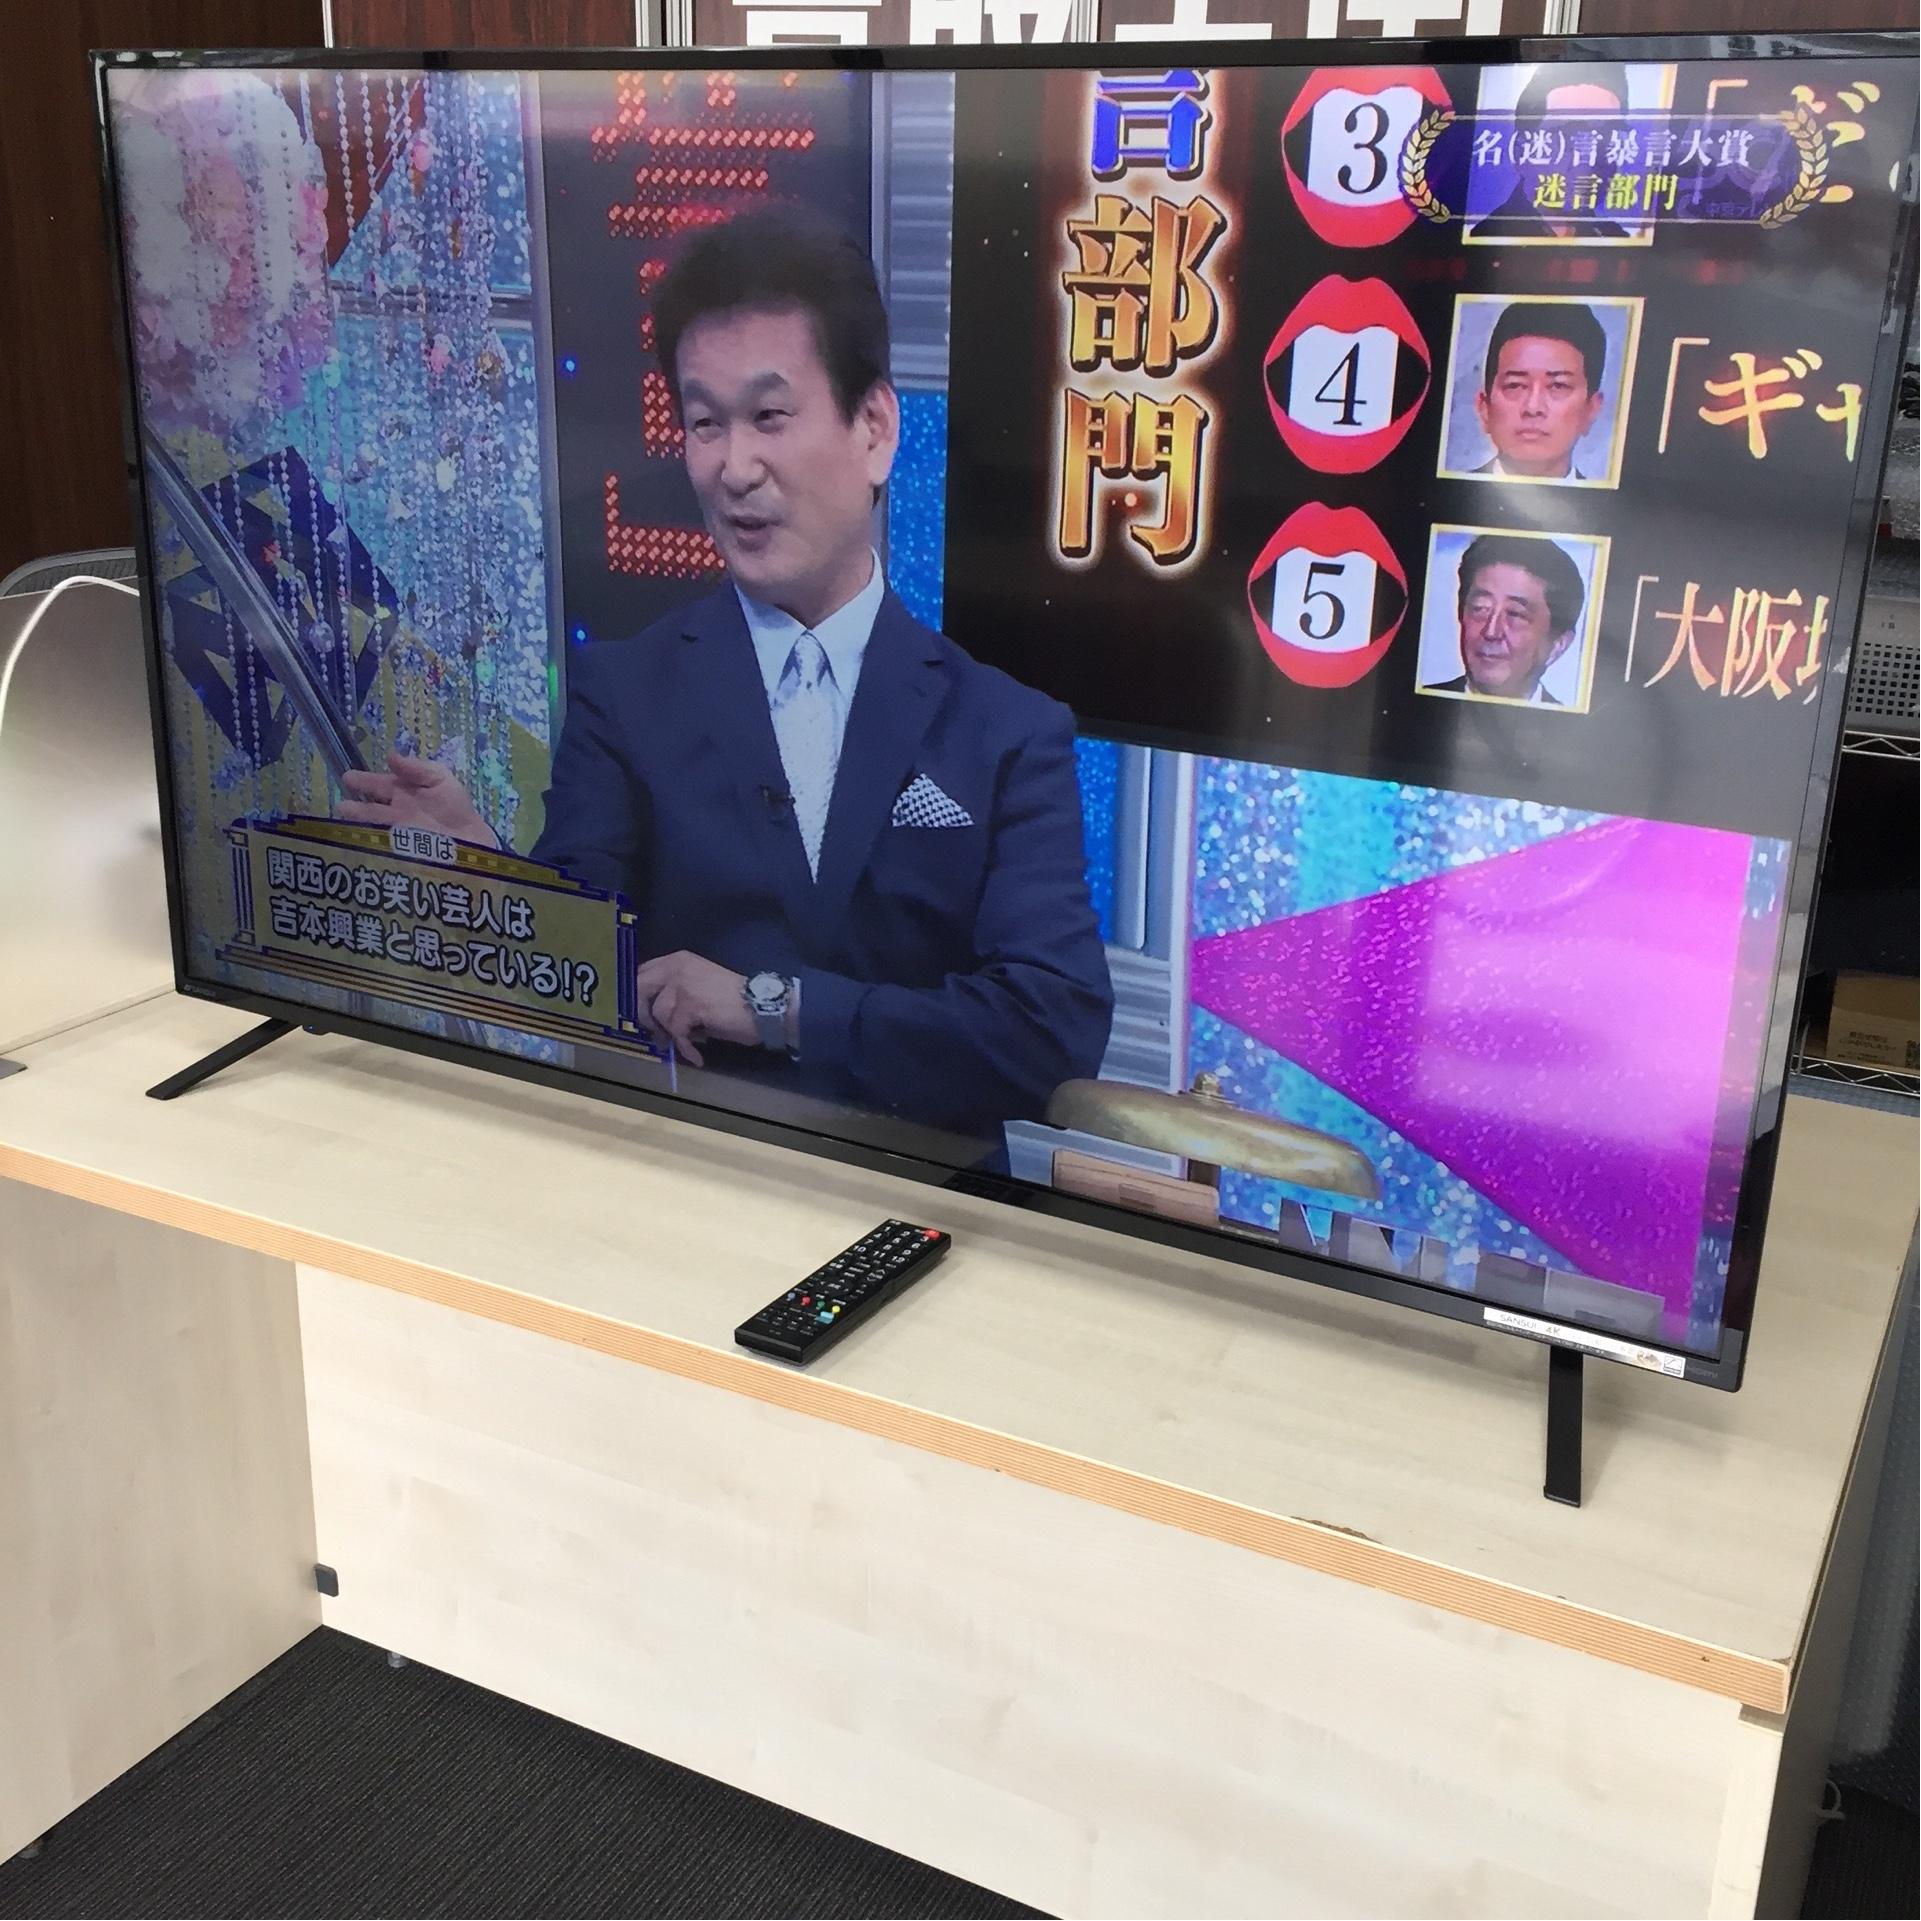 おすすめ 家電 テレビ 芸人